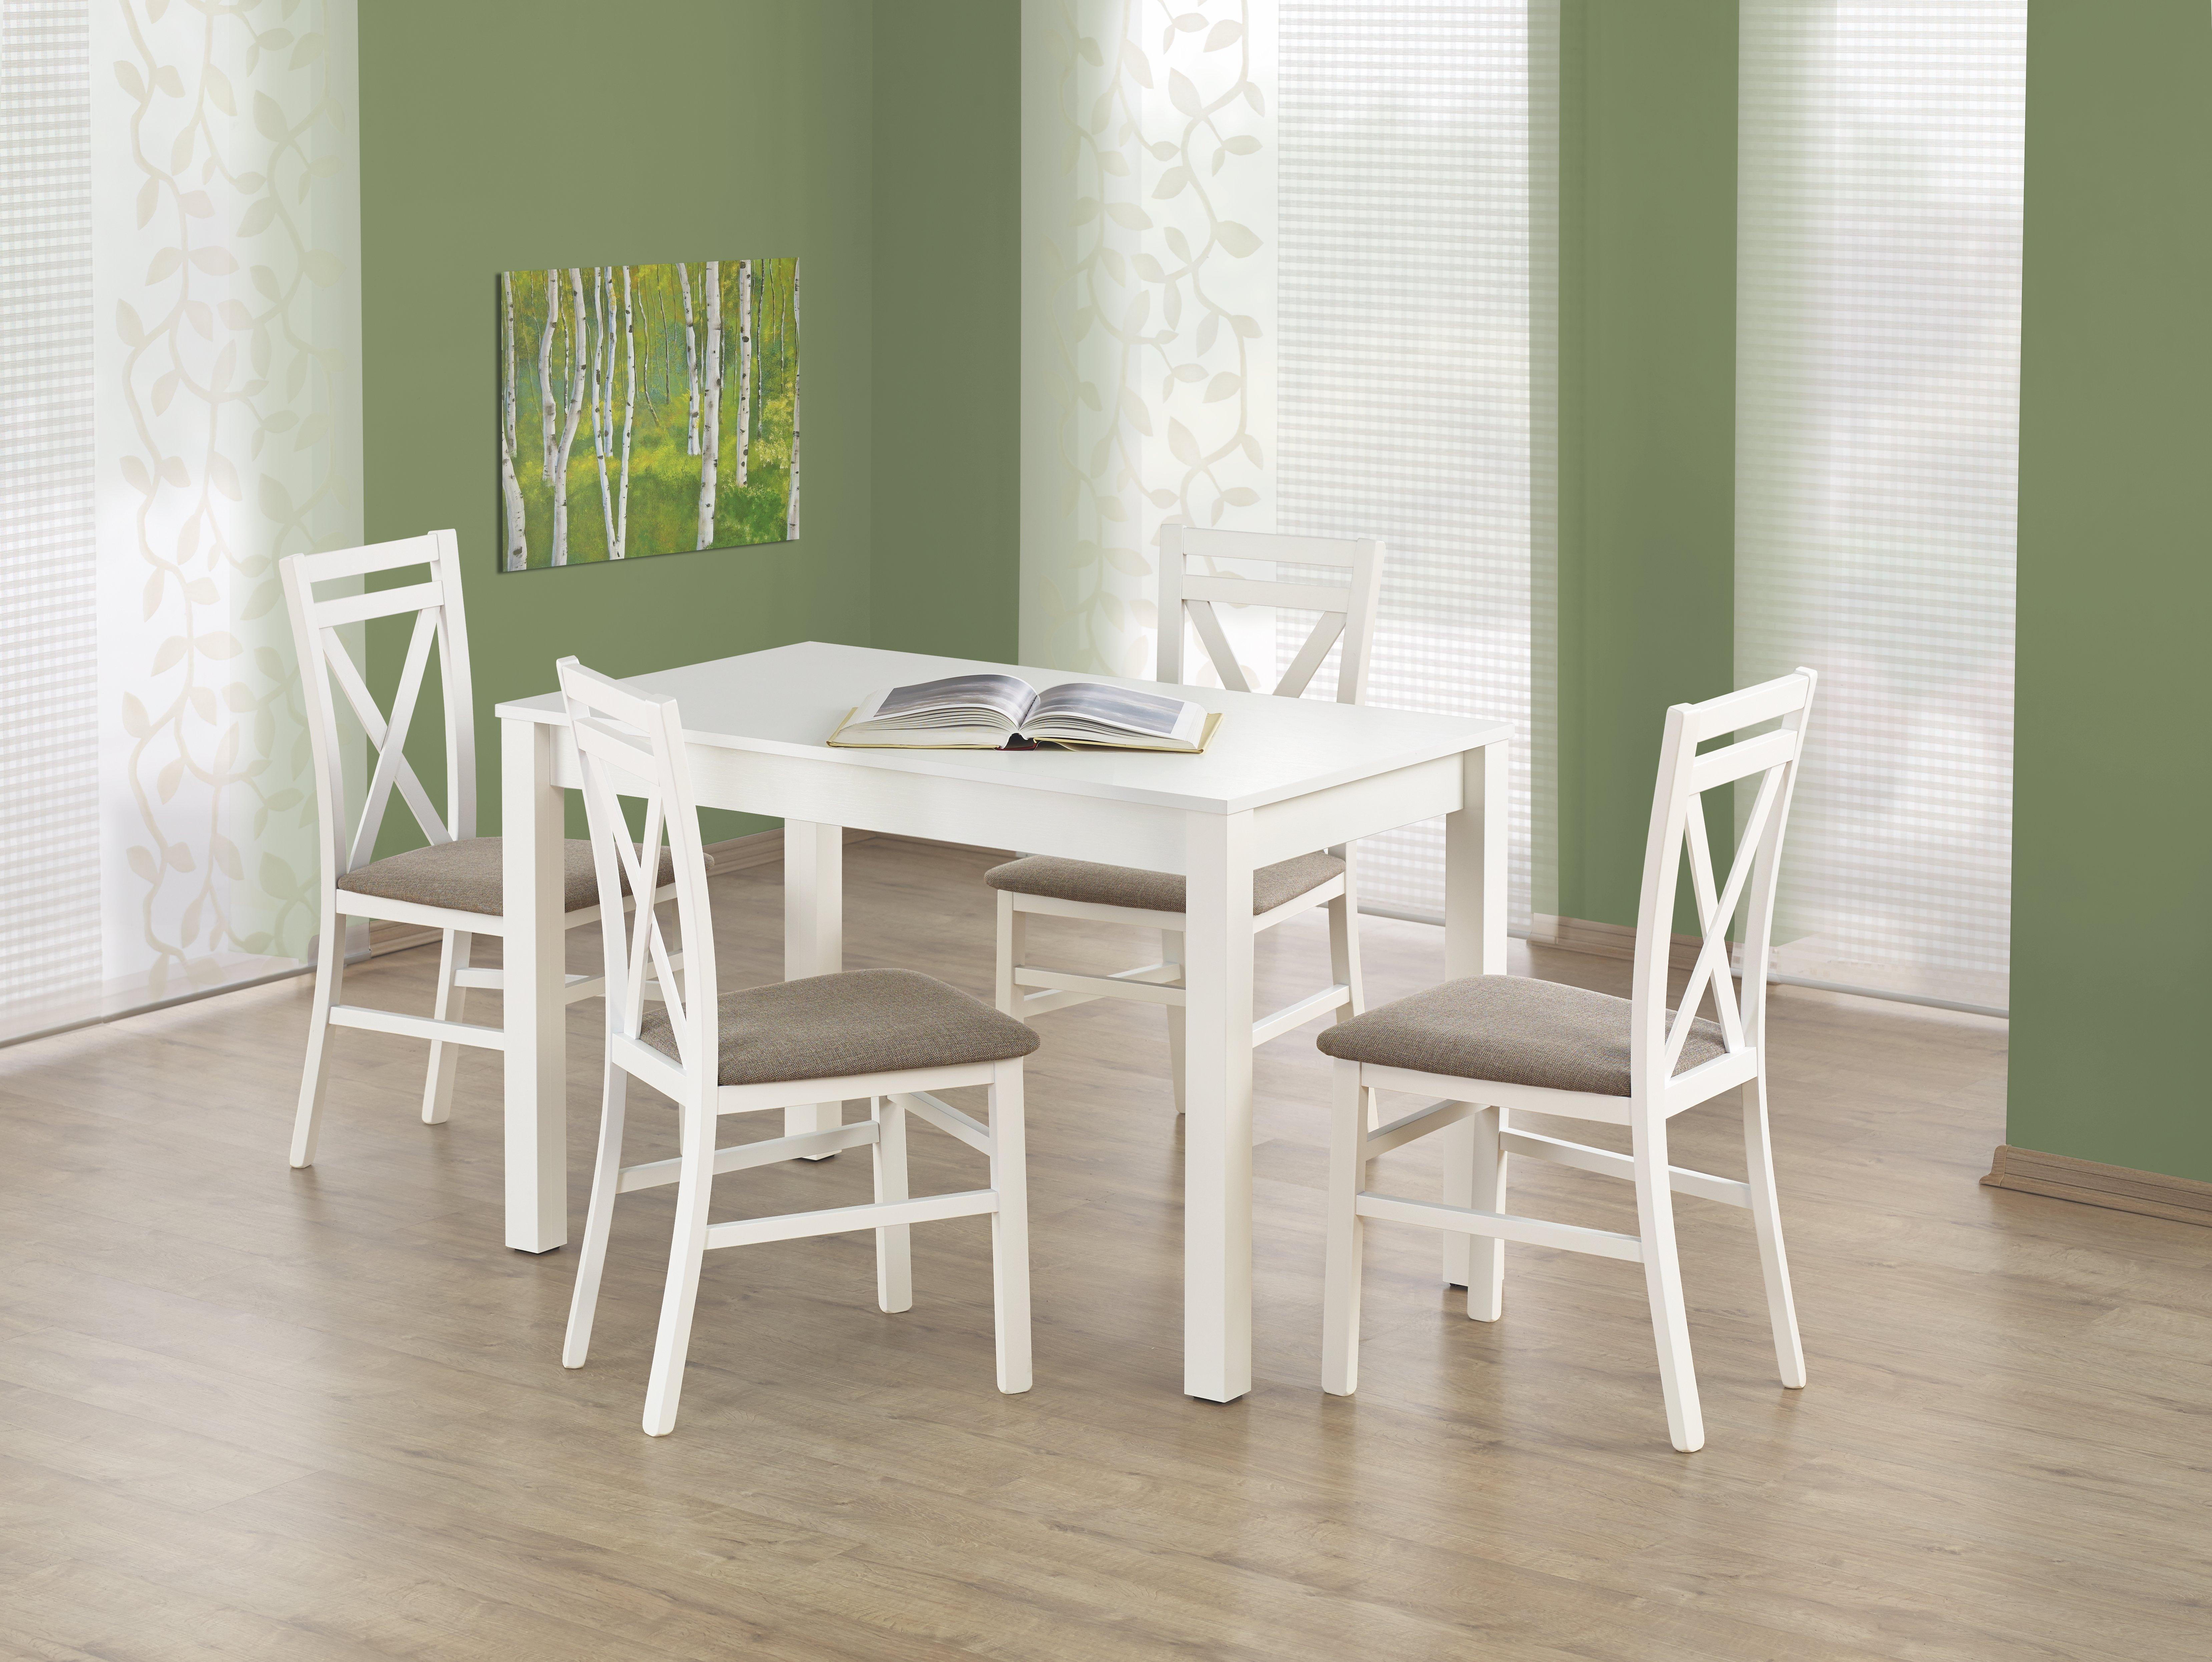 Jedálenský stôl - Halmar - Ksawery (biela) (pre 4 osoby). Sme autorizovaný predajca Halmar. Vlastná spoľahlivá doprava až k Vám domov.